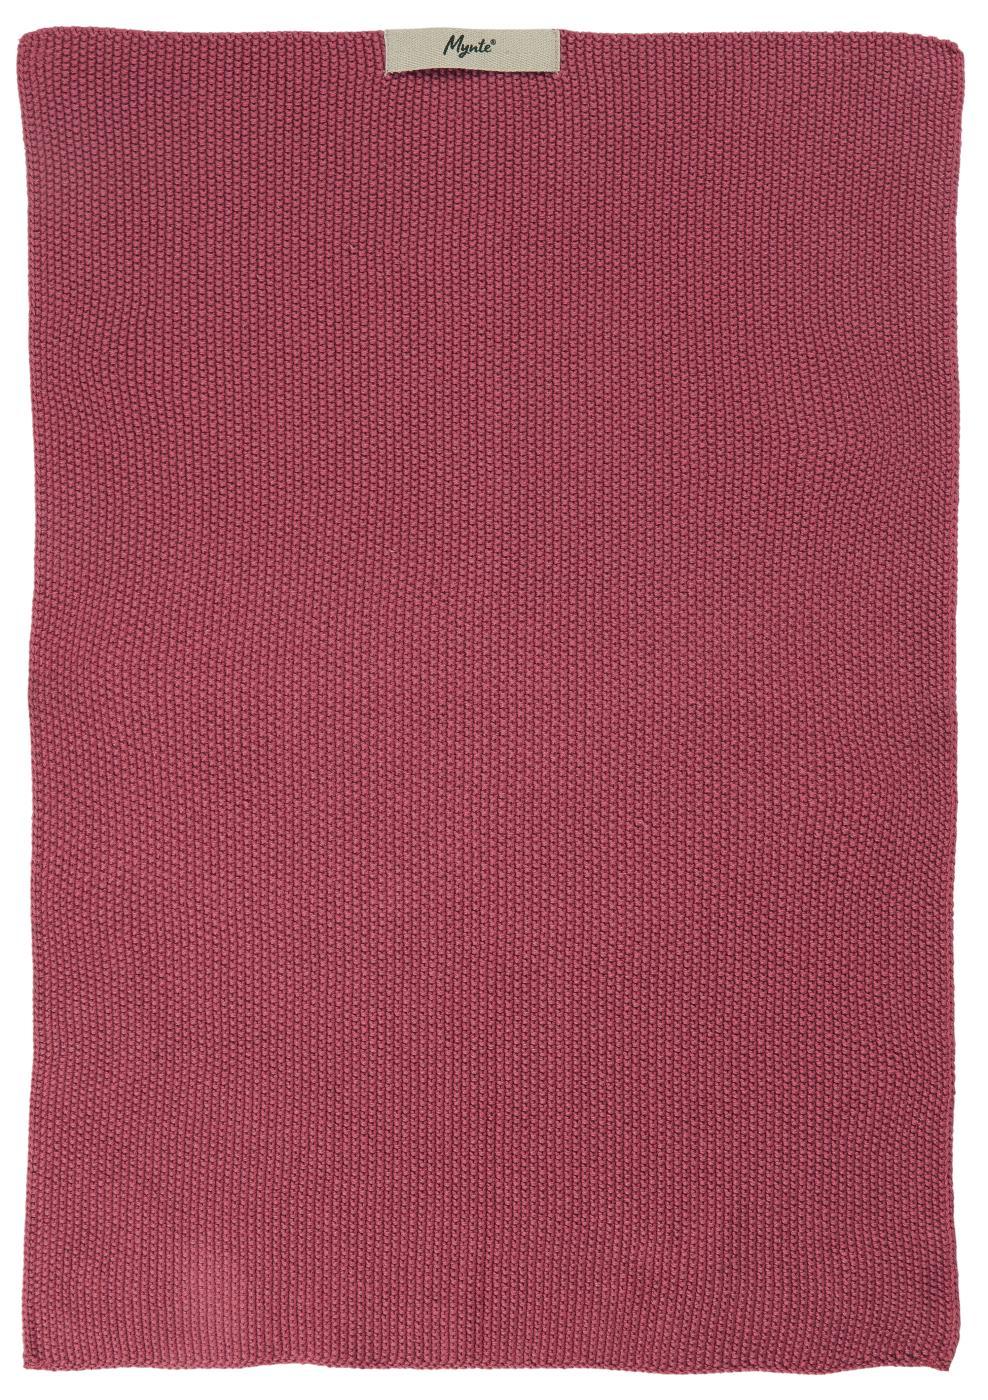 Handtuch - Mynte Blackberry Parfait gestrickt - IB Laursen